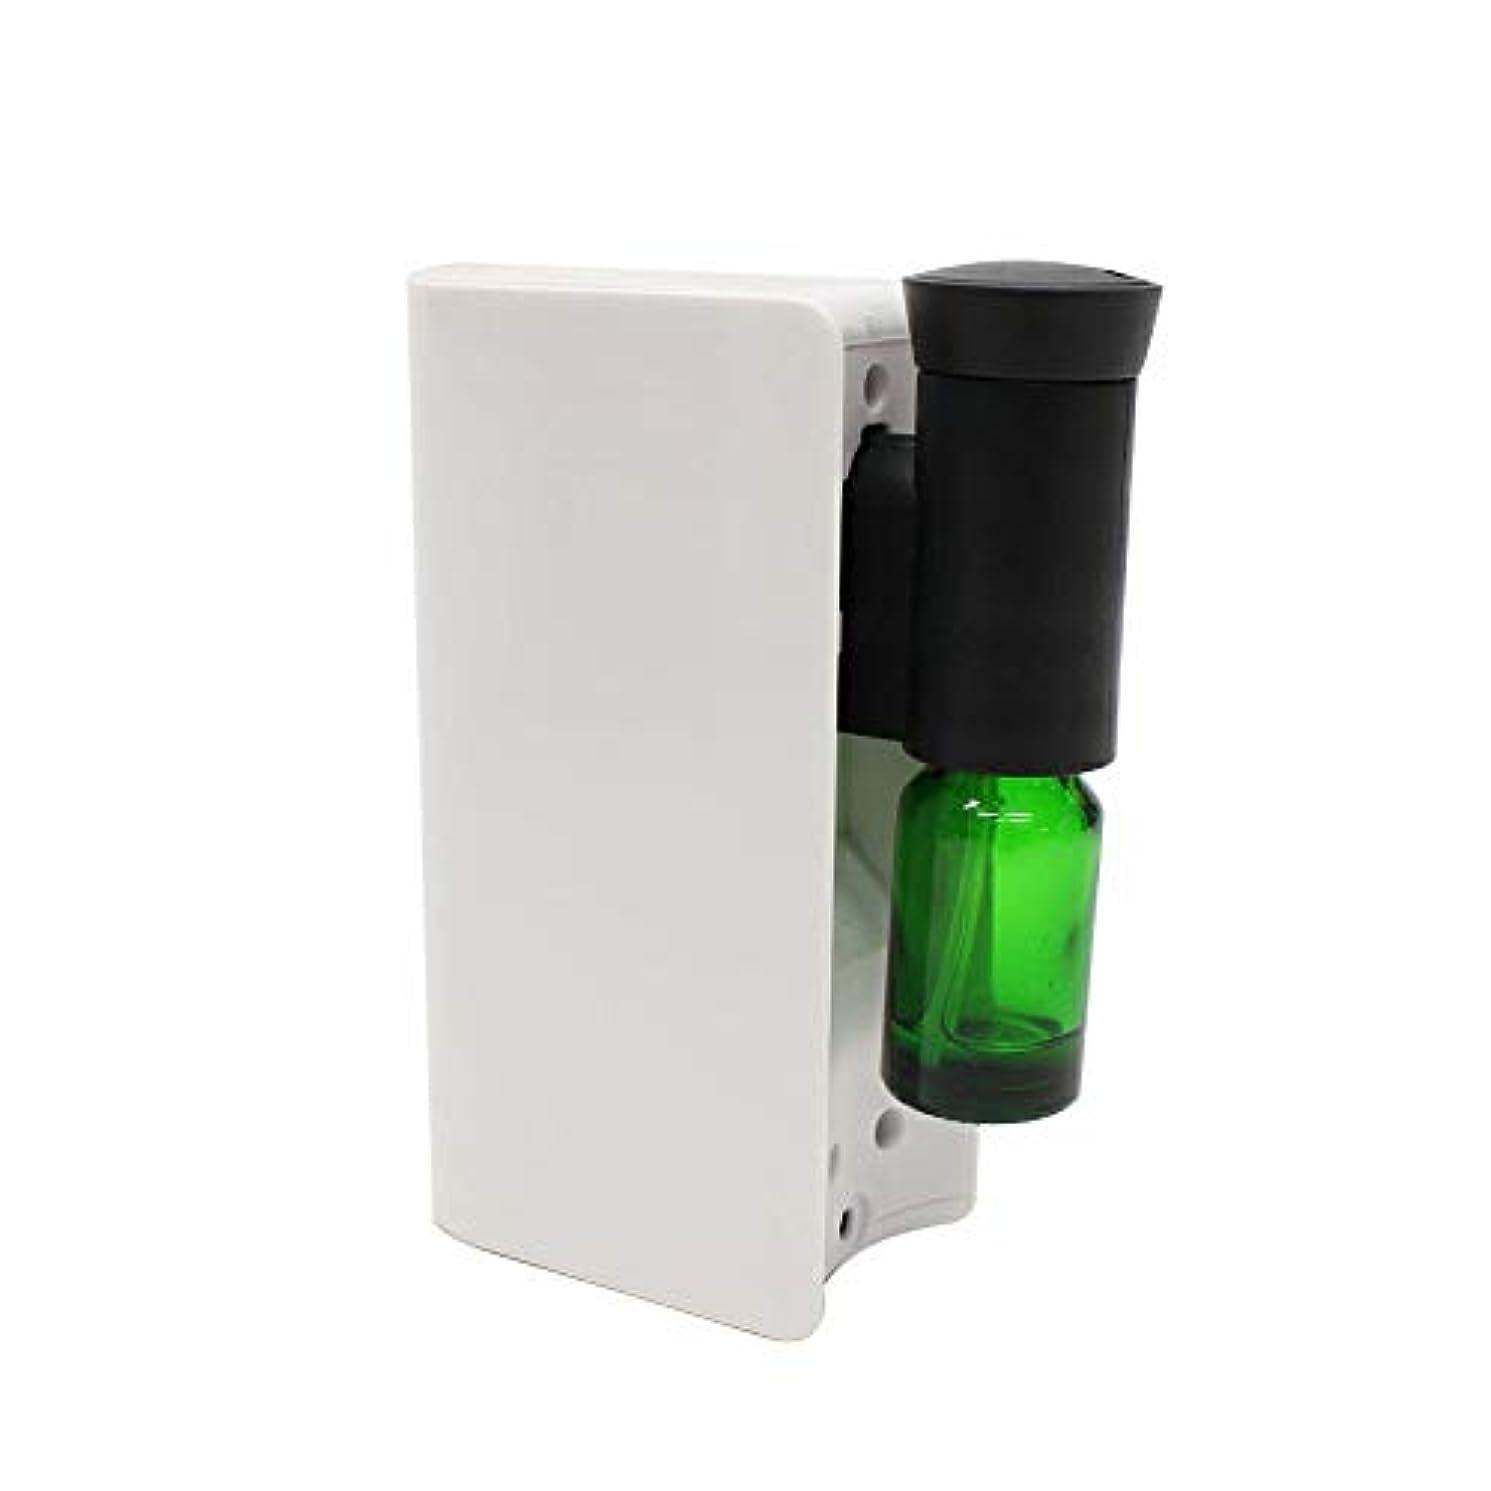 発送キリマンジャロ混乱させる電池式アロマディフューザー 水を使わない ネブライザー式 アロマ ディフューザー アロマオイル対応 自動停止 ECOモード搭載 コンパクト 香り 癒し シンプル ホワイト